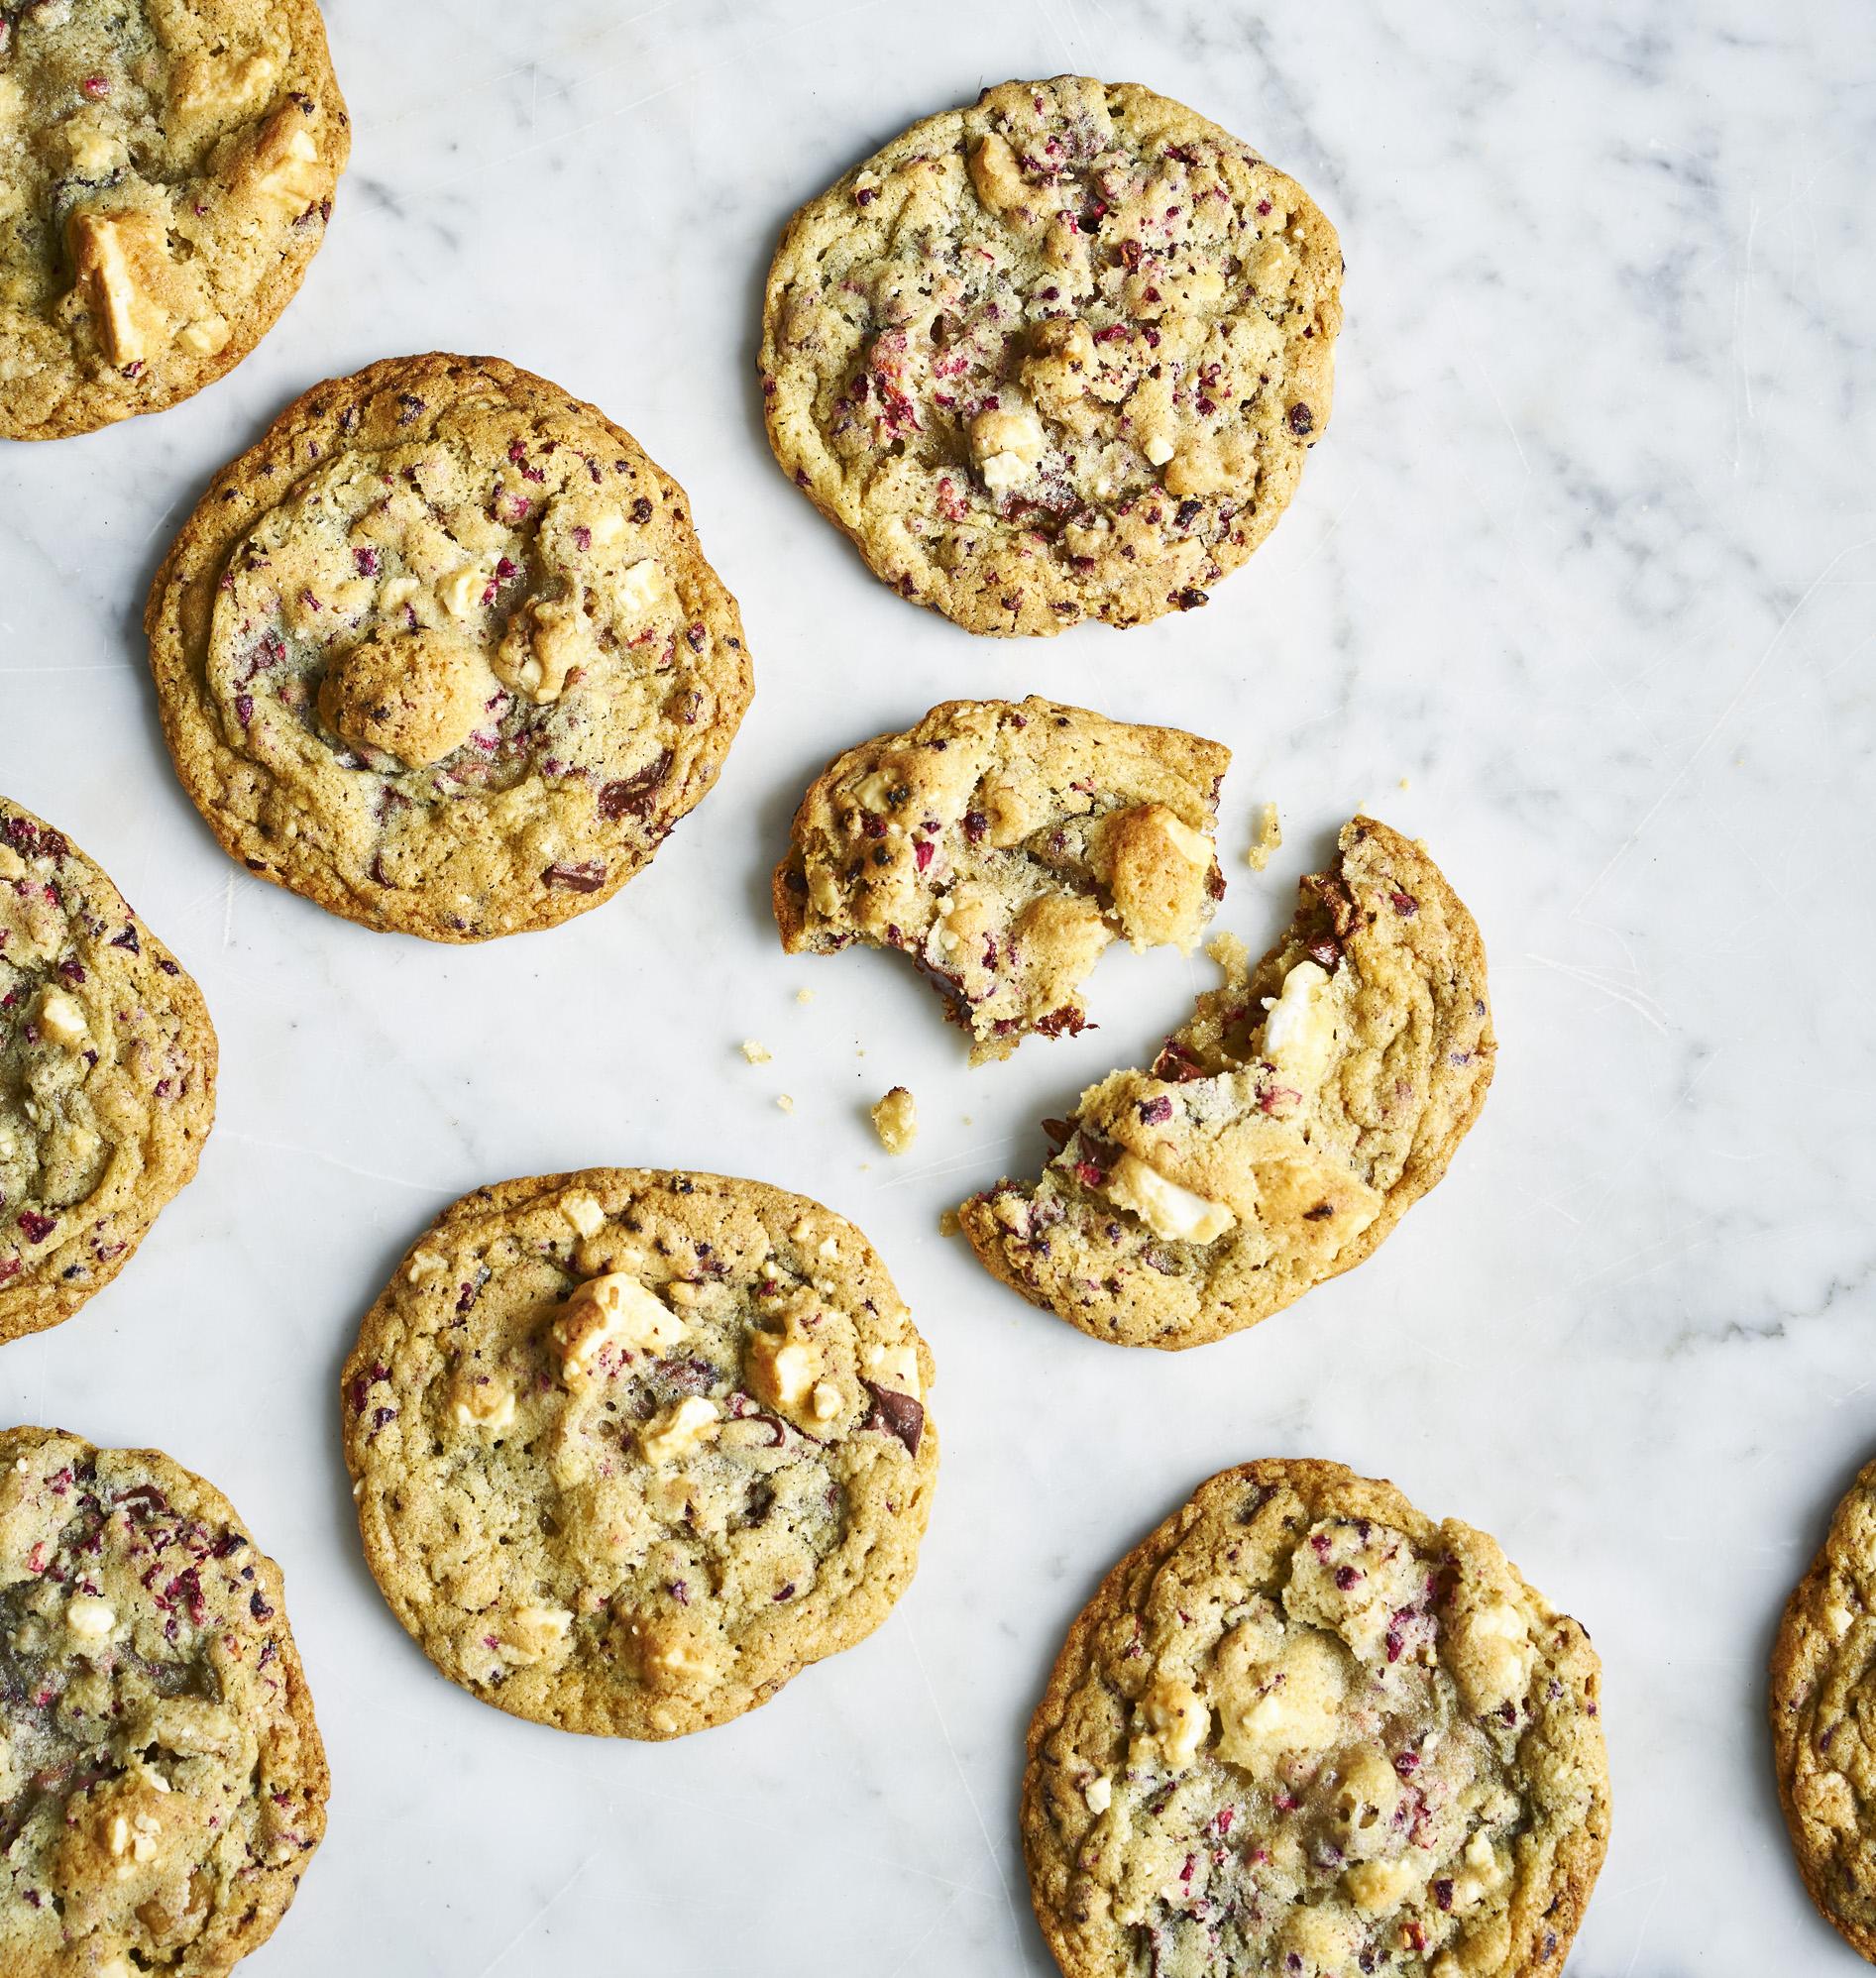 Double Chocolate Walnut Meringue Cookies